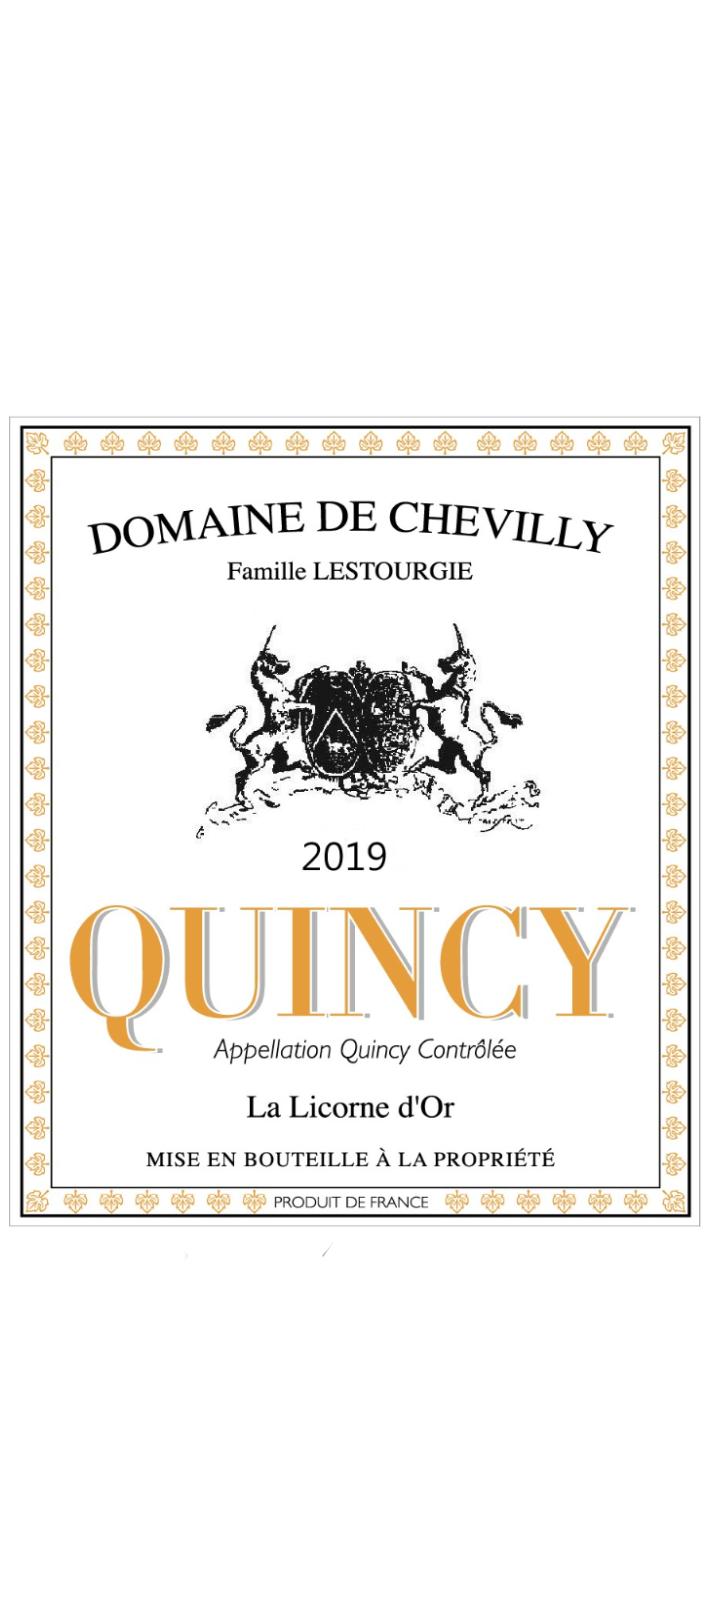 QUINCY LA LICORNE D'OR 2019